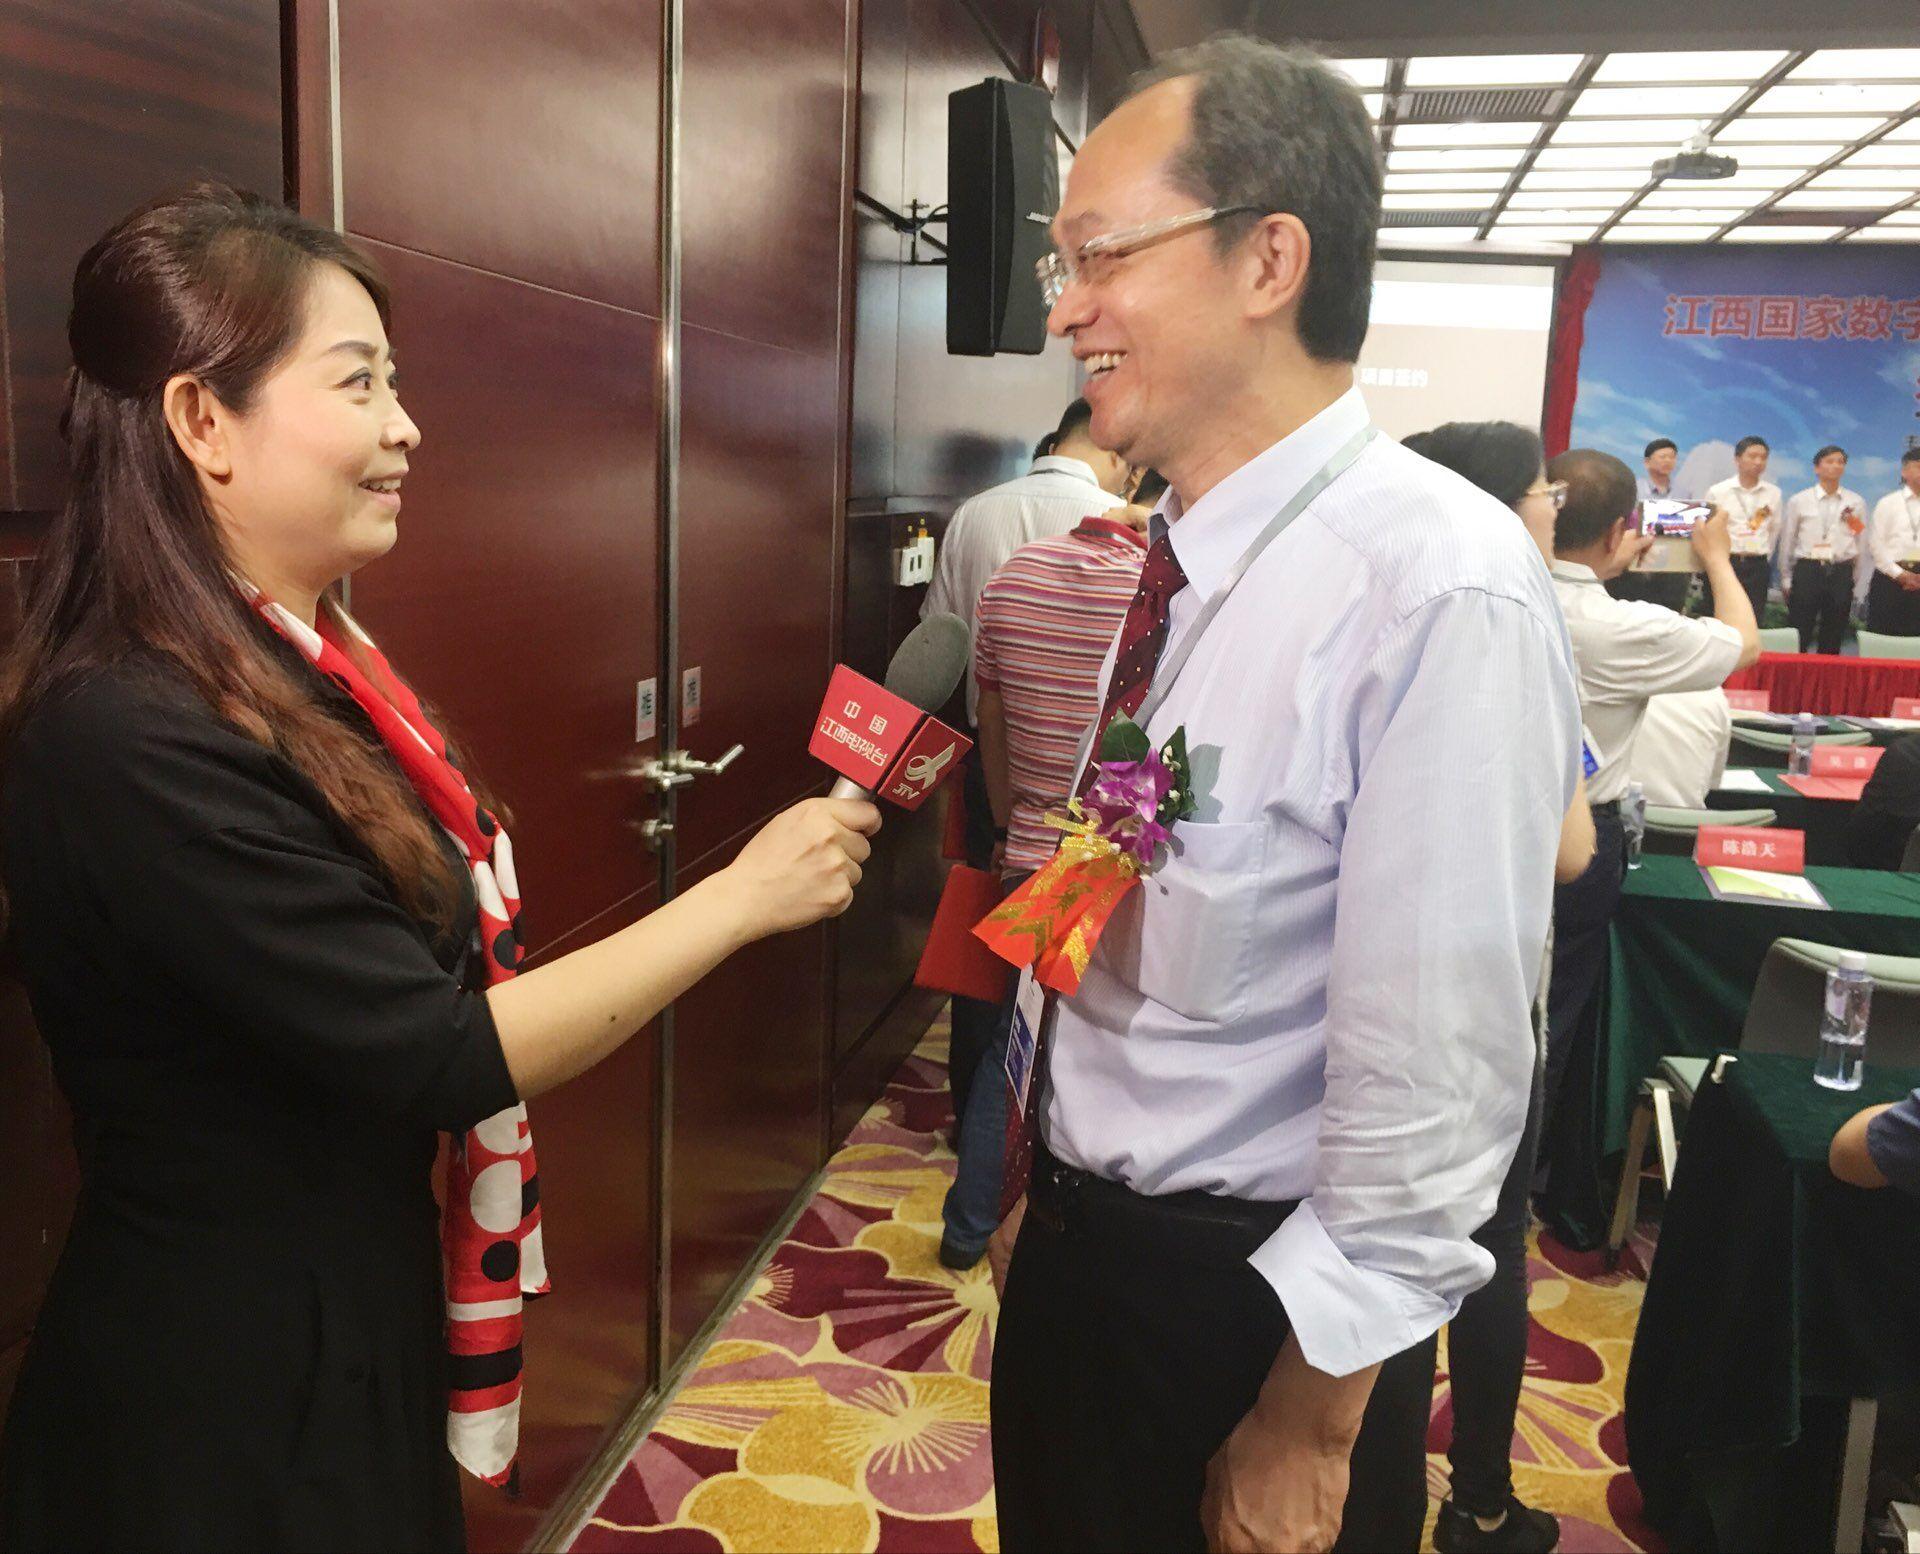 江西电视台采访登尼特董事长